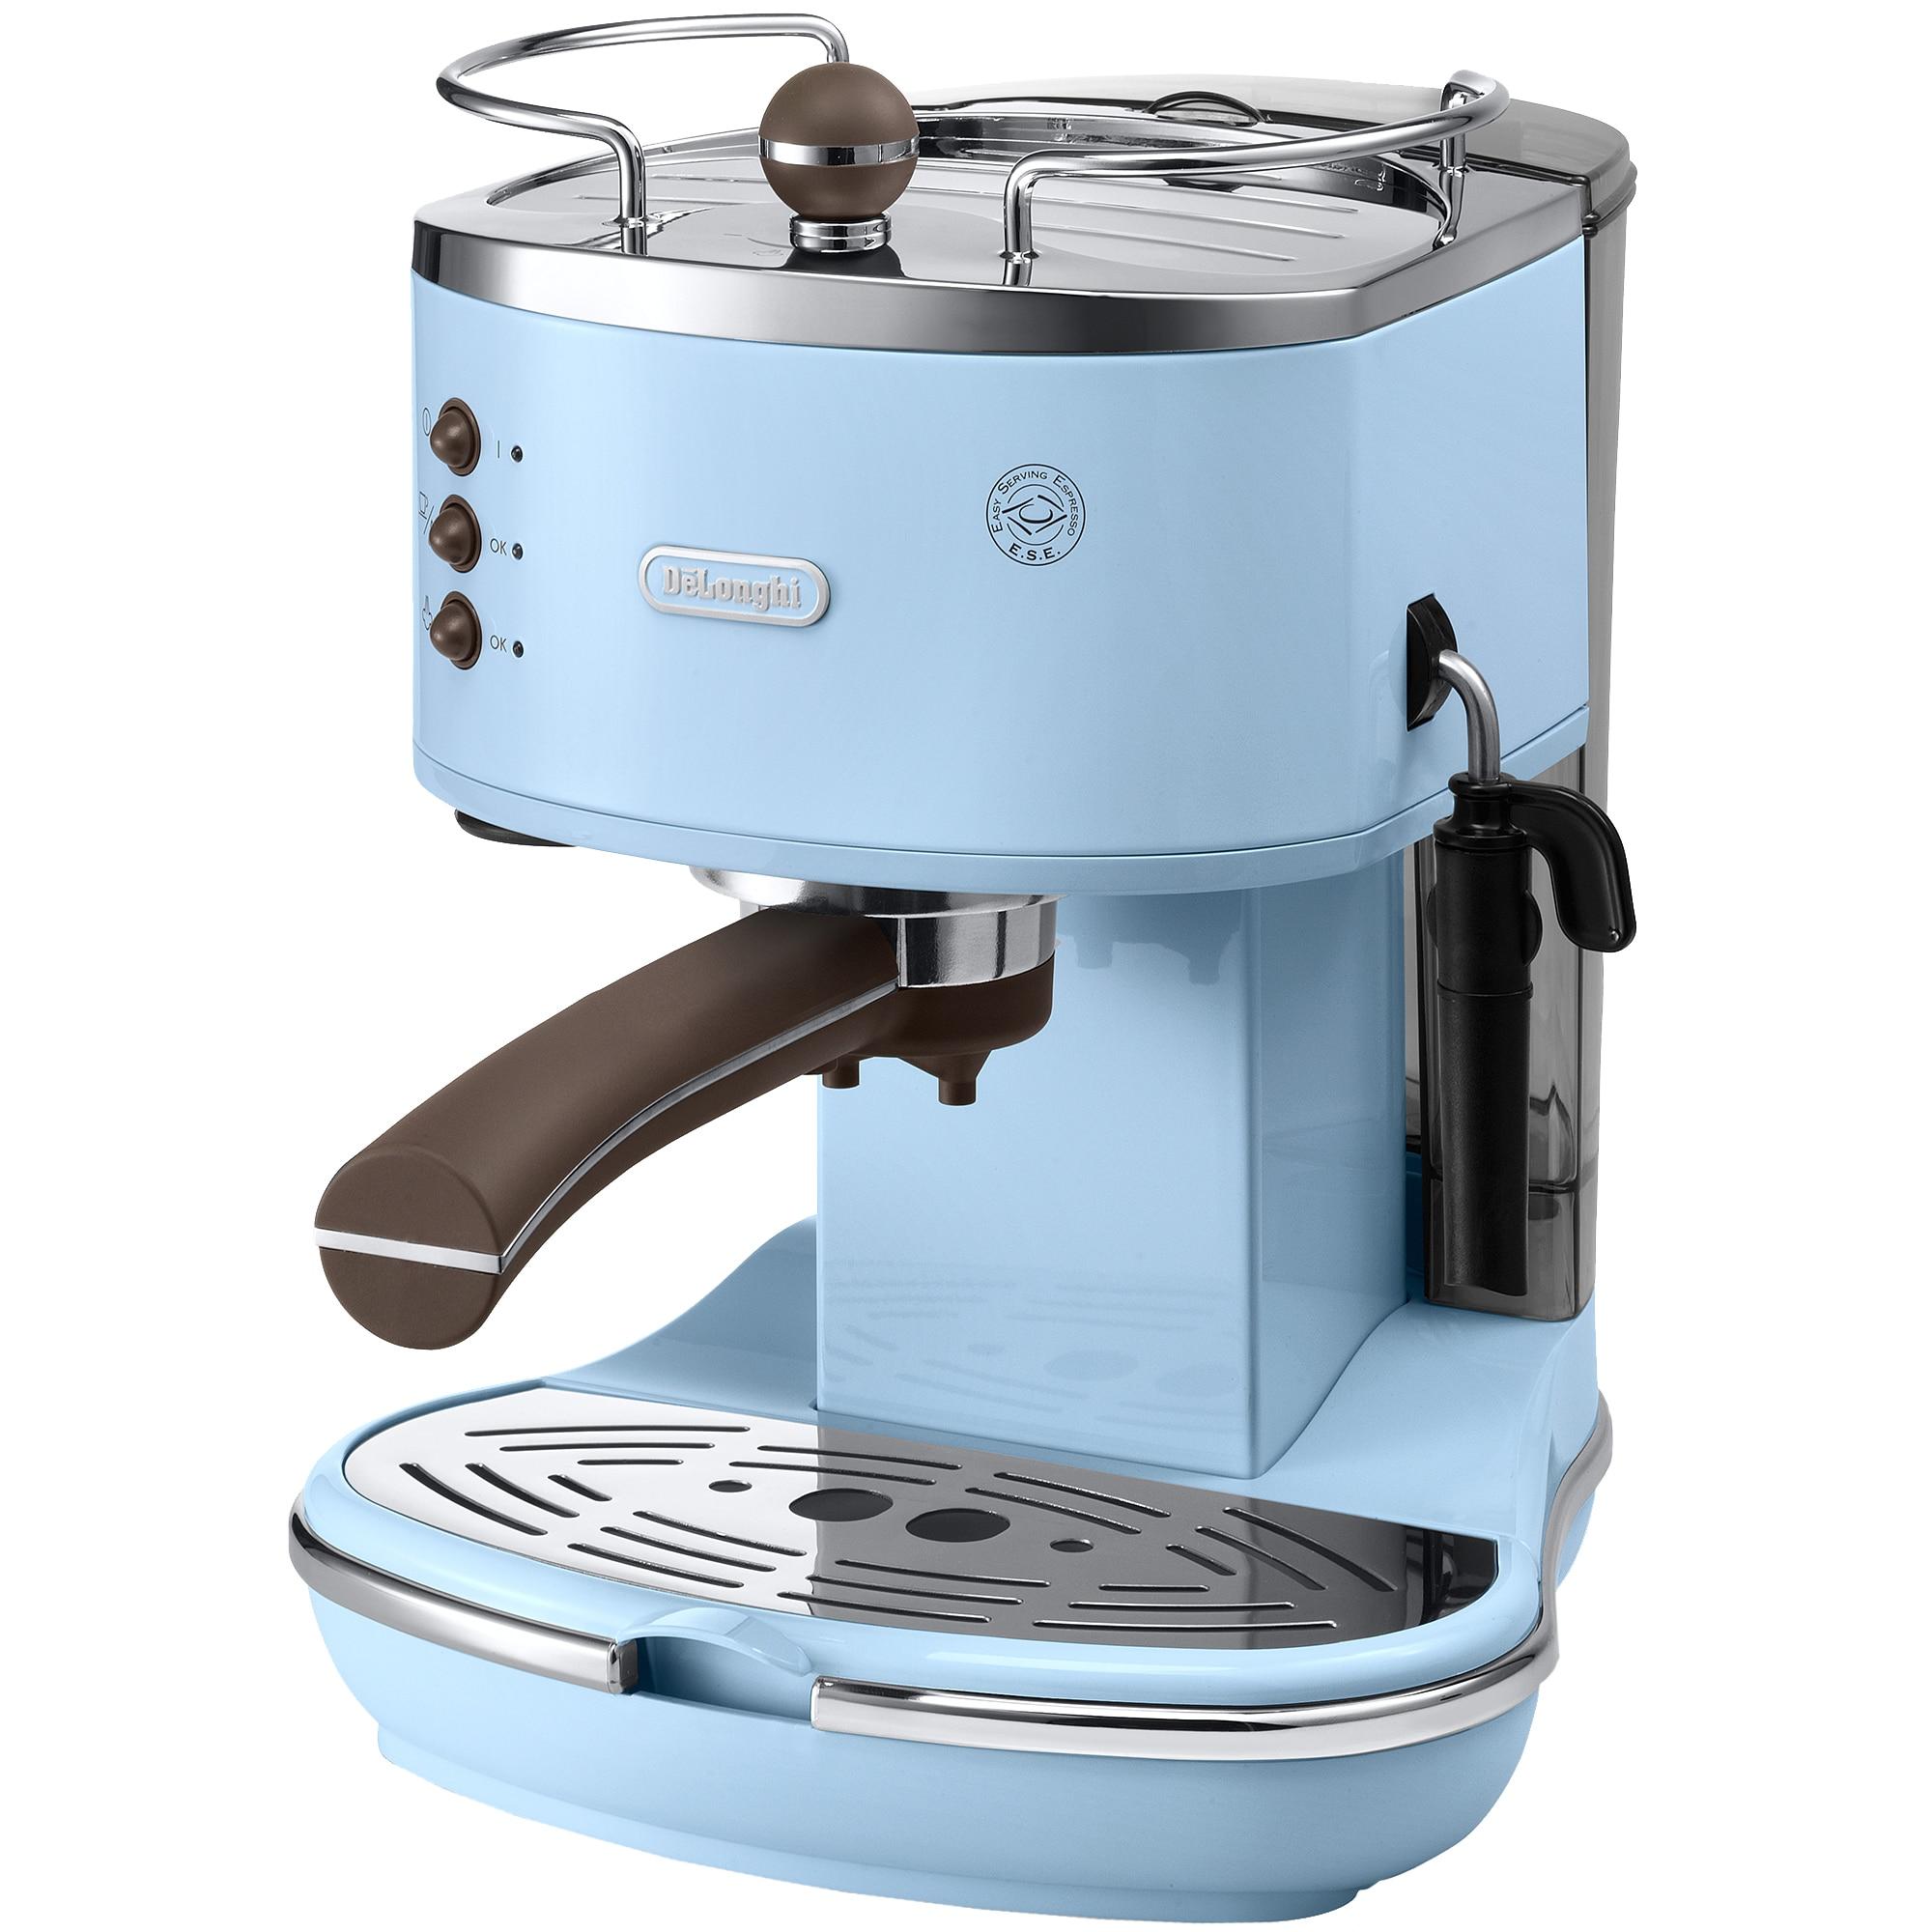 Fotografie Espressor manual De'Longhi Vintage ECOV311.AZ, 15 bar, 1.4 l, Sistem Cappuccino, Bleu